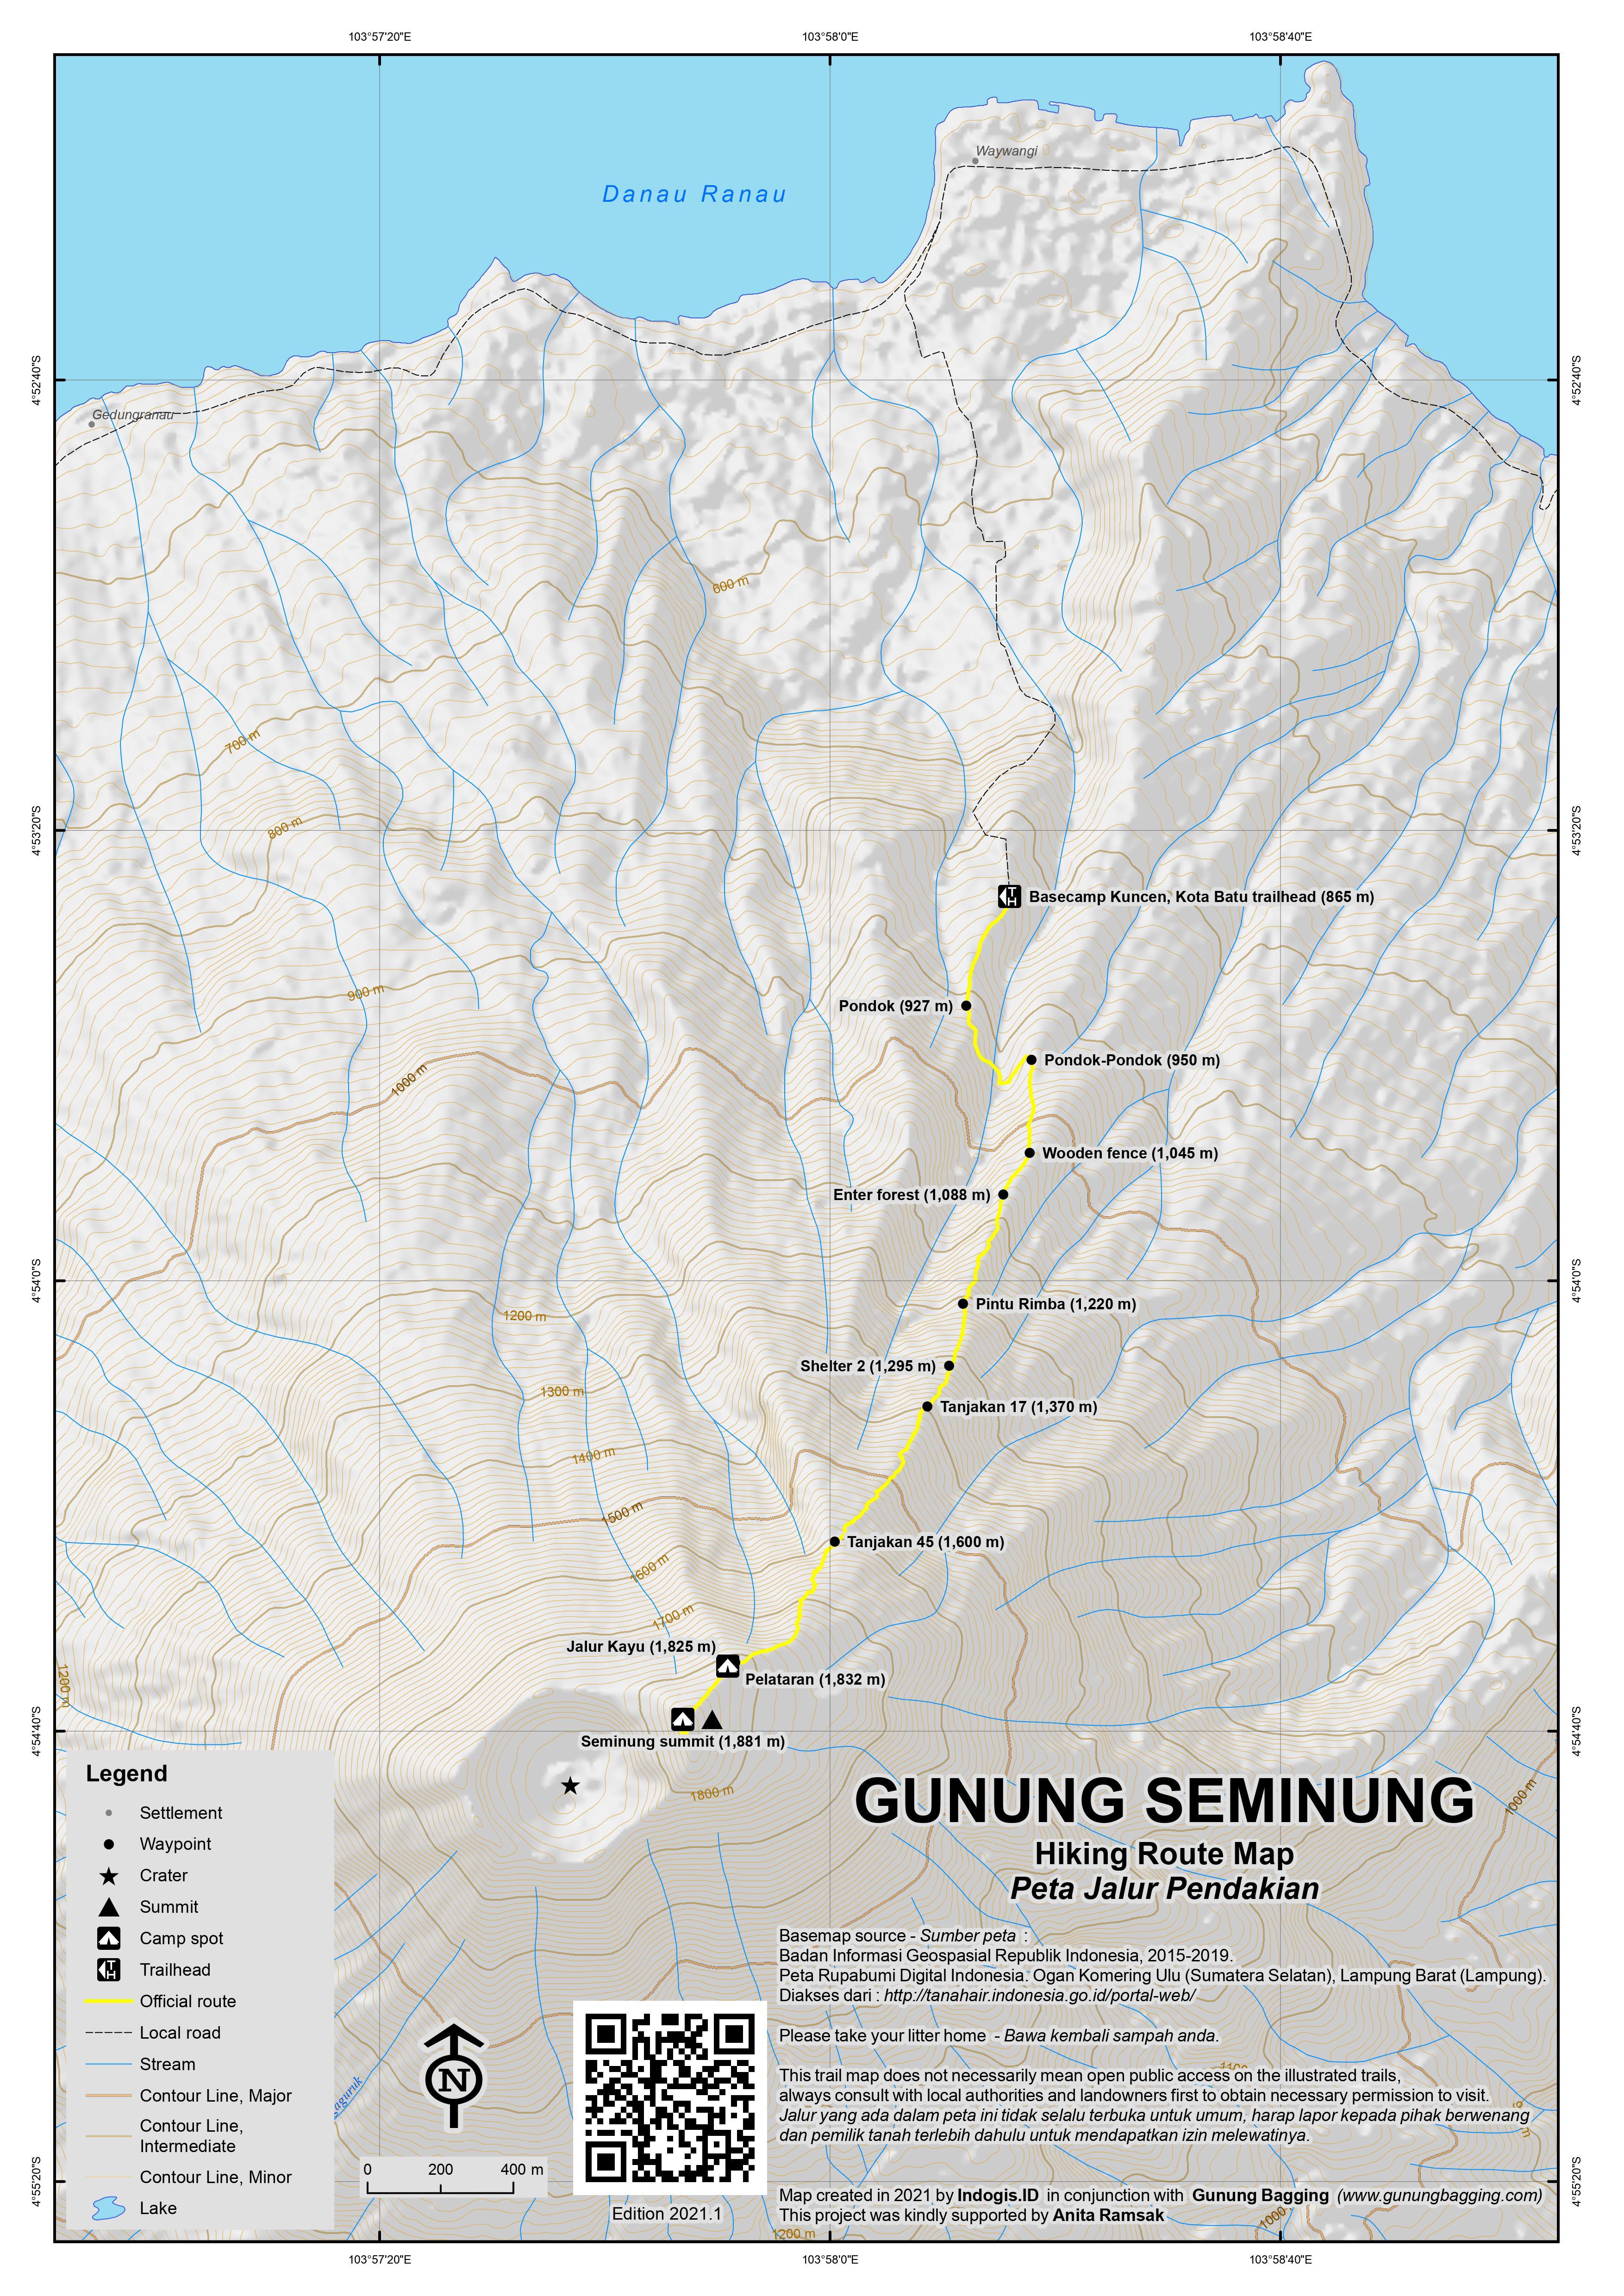 Peta Jalur Pendakian Gunung Seminung